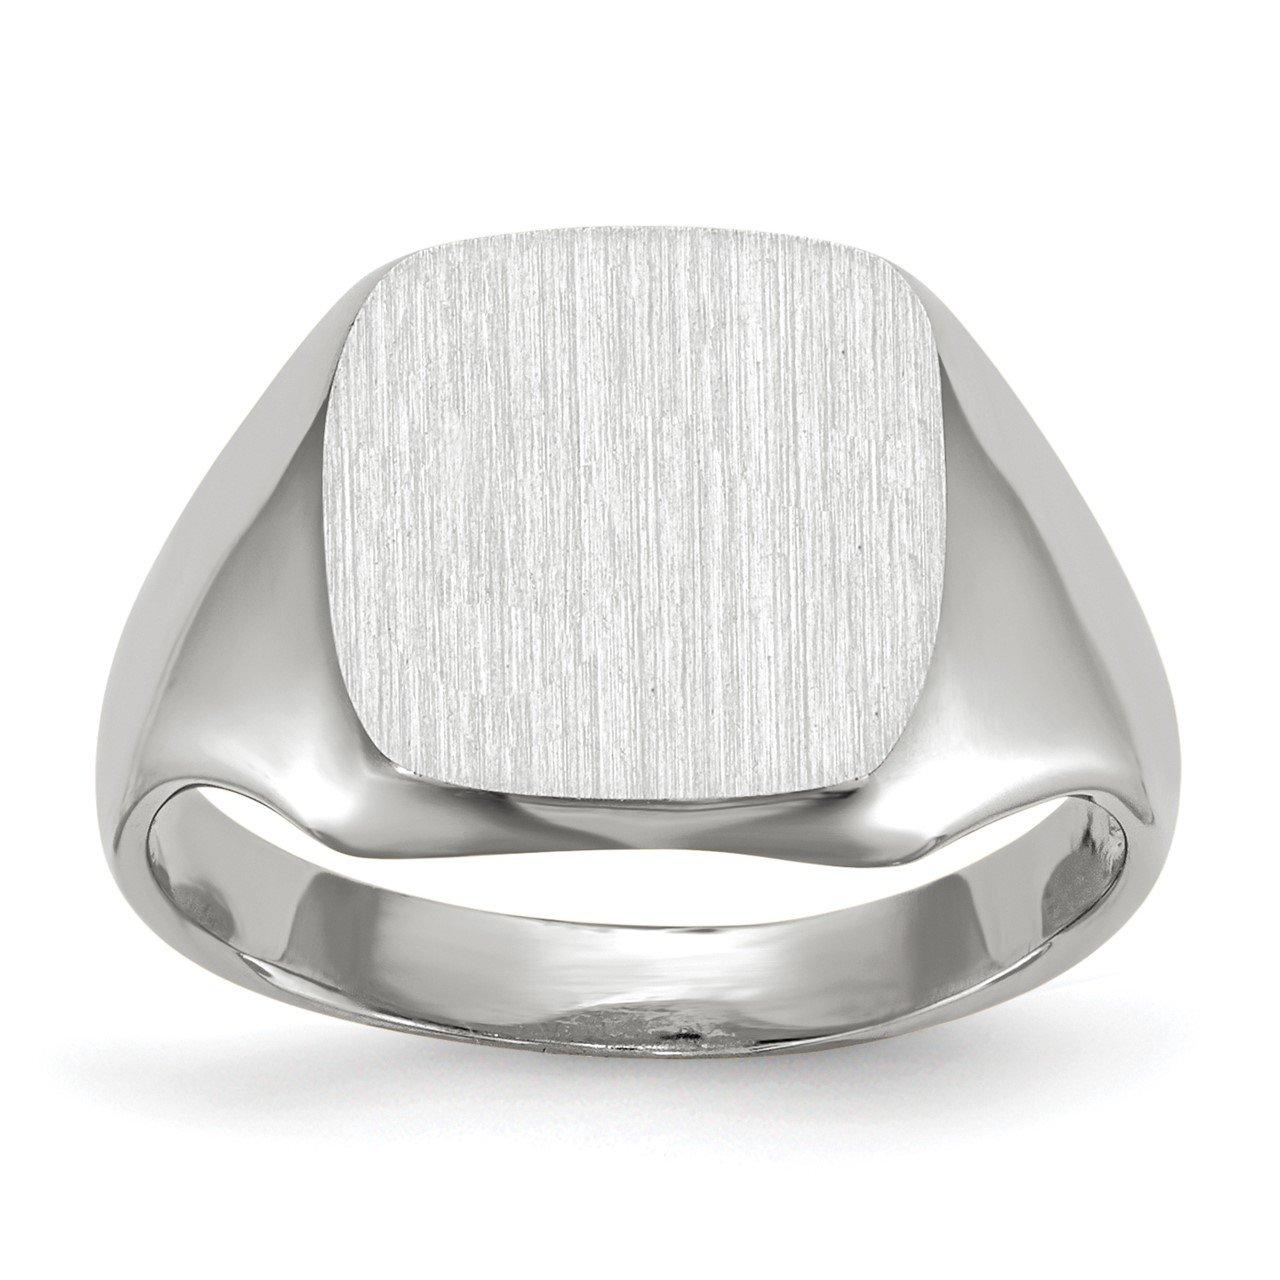 14k White Gold 11.0x10.5mm Open Back Signet Ring